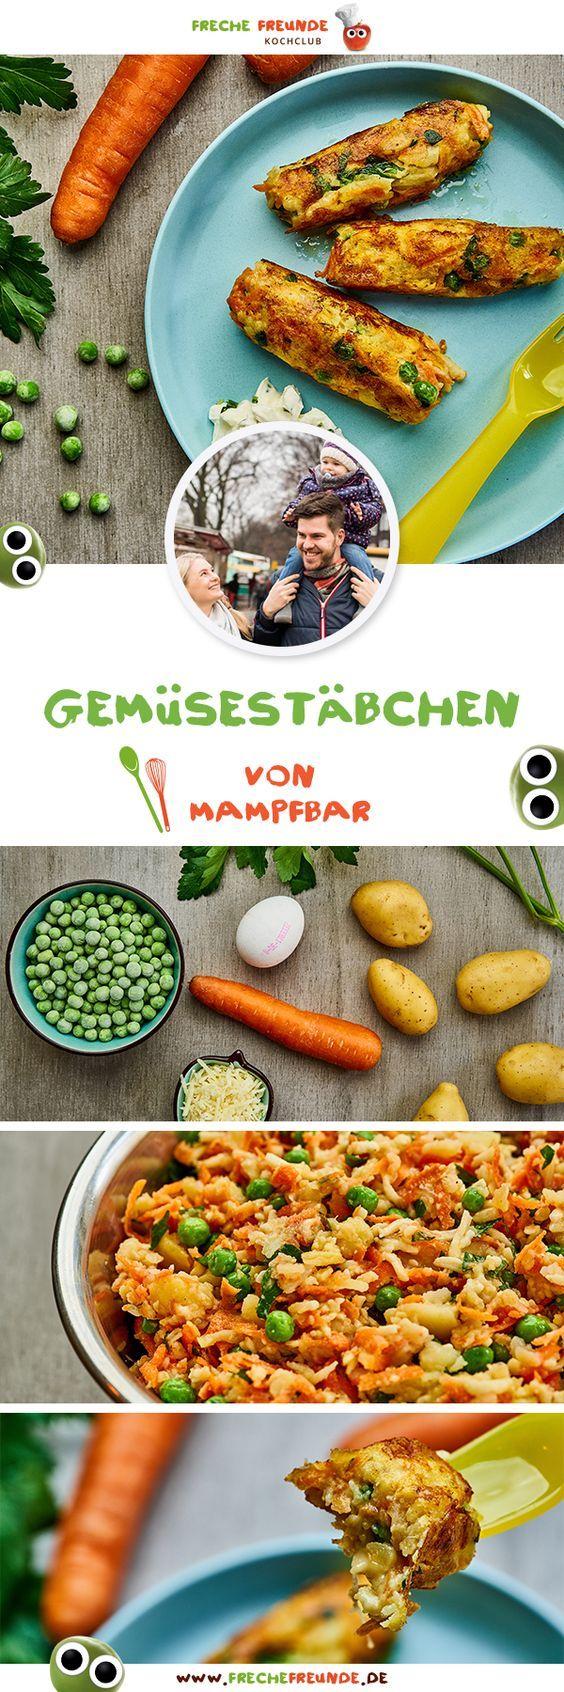 Einfache Gemüsestäbchen für Kinder - Freche Freunde Kochclub